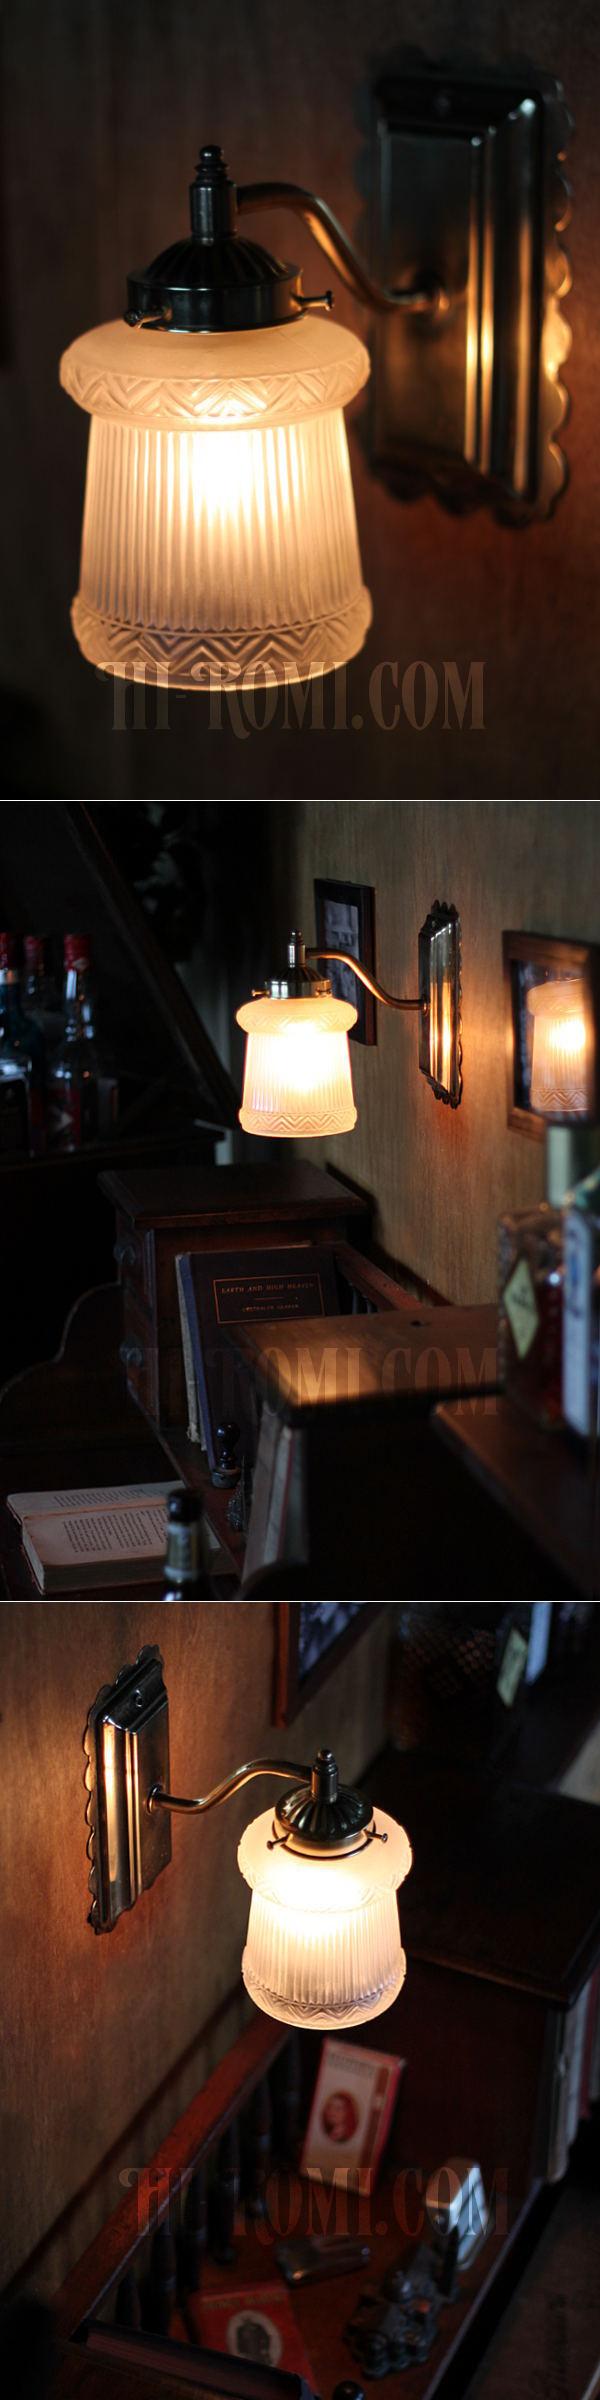 ヴィンテージコロニアルくもりガラスシェードのブラケットA/ヴィクトリアン壁照明